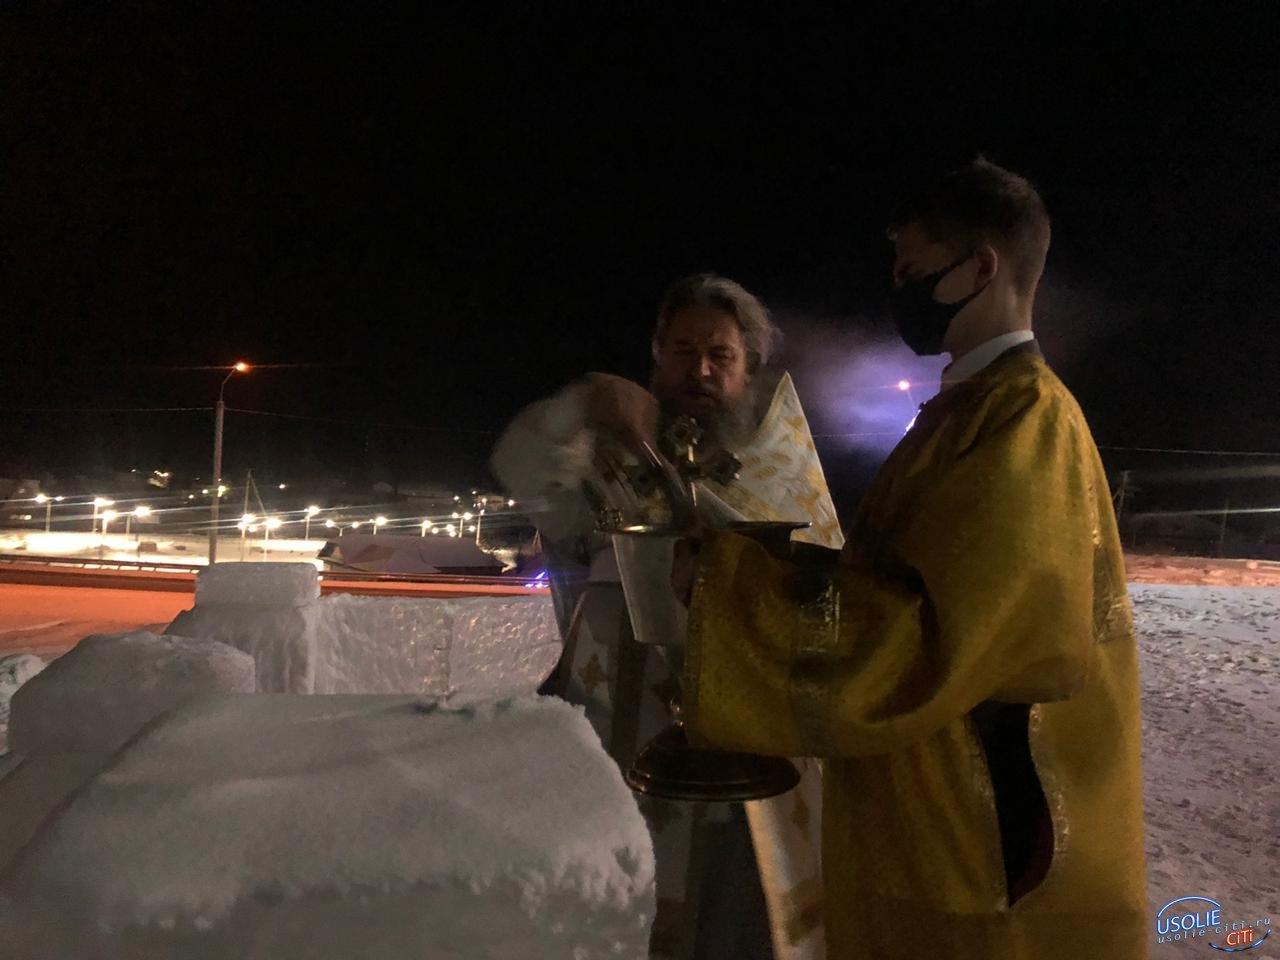 Рождественскую ночь в Тельме Усольского района освятили горки и ледяные скульптуры